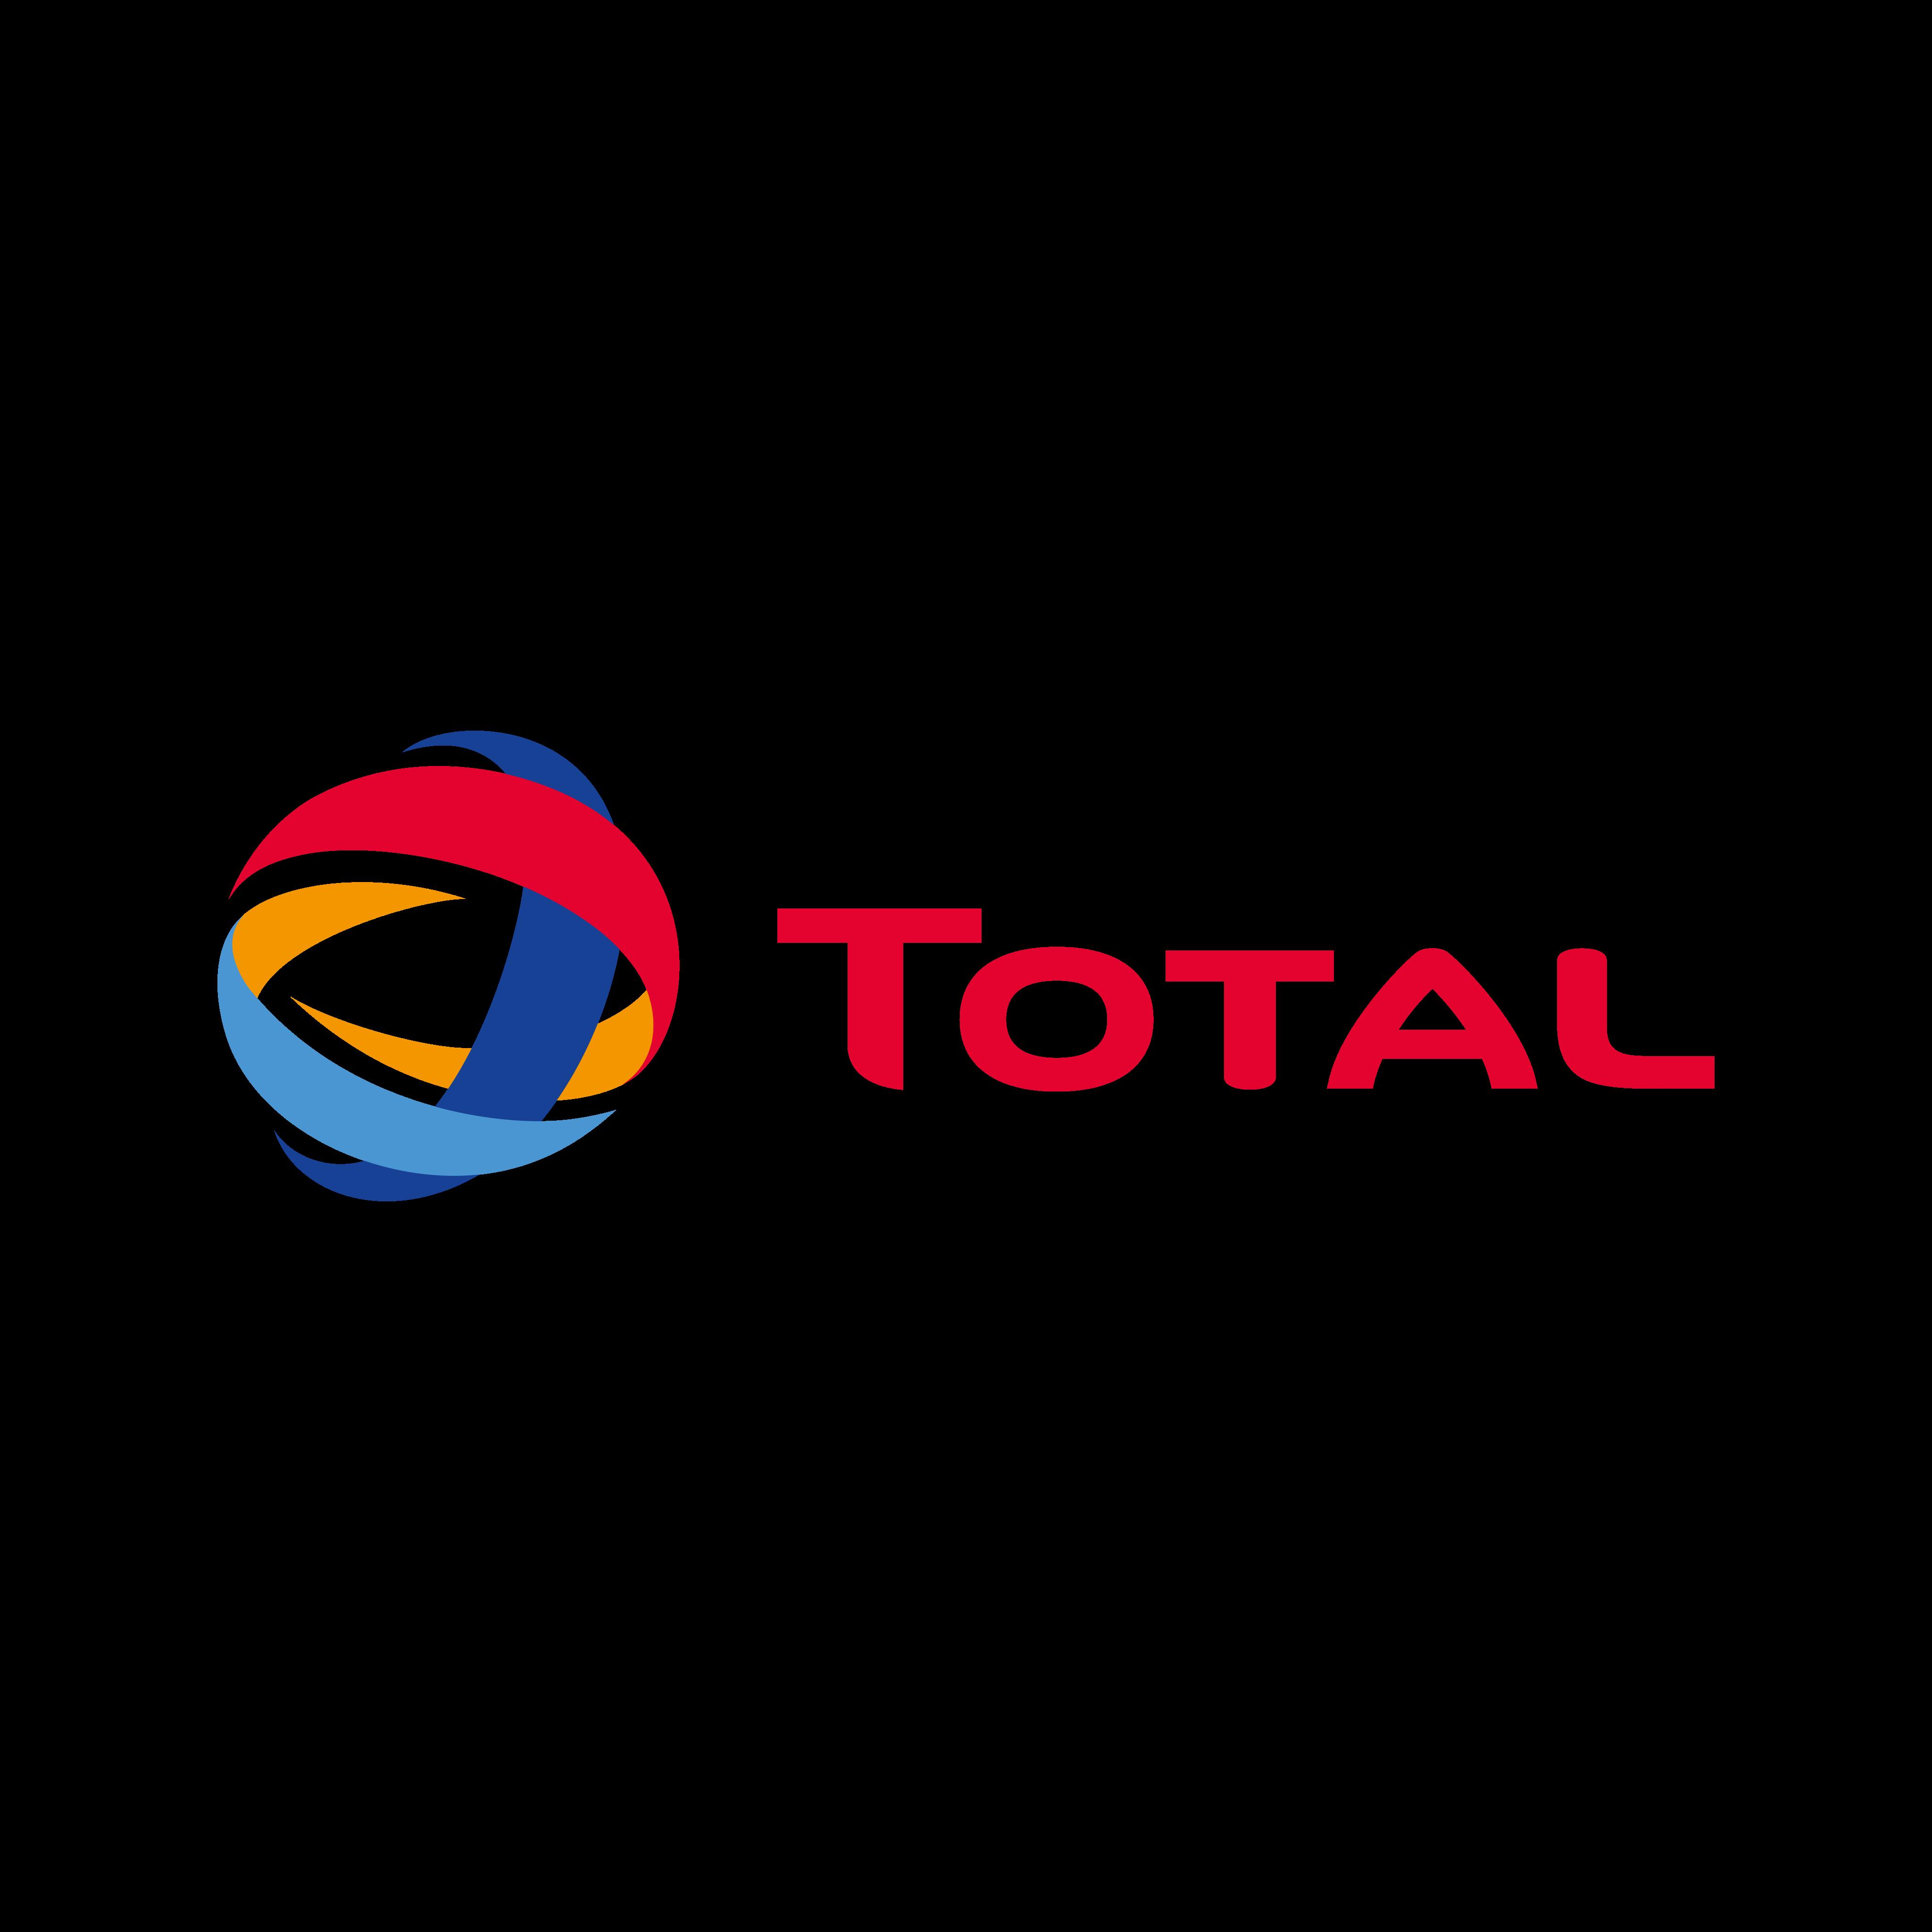 total logo 0 - Total Logo